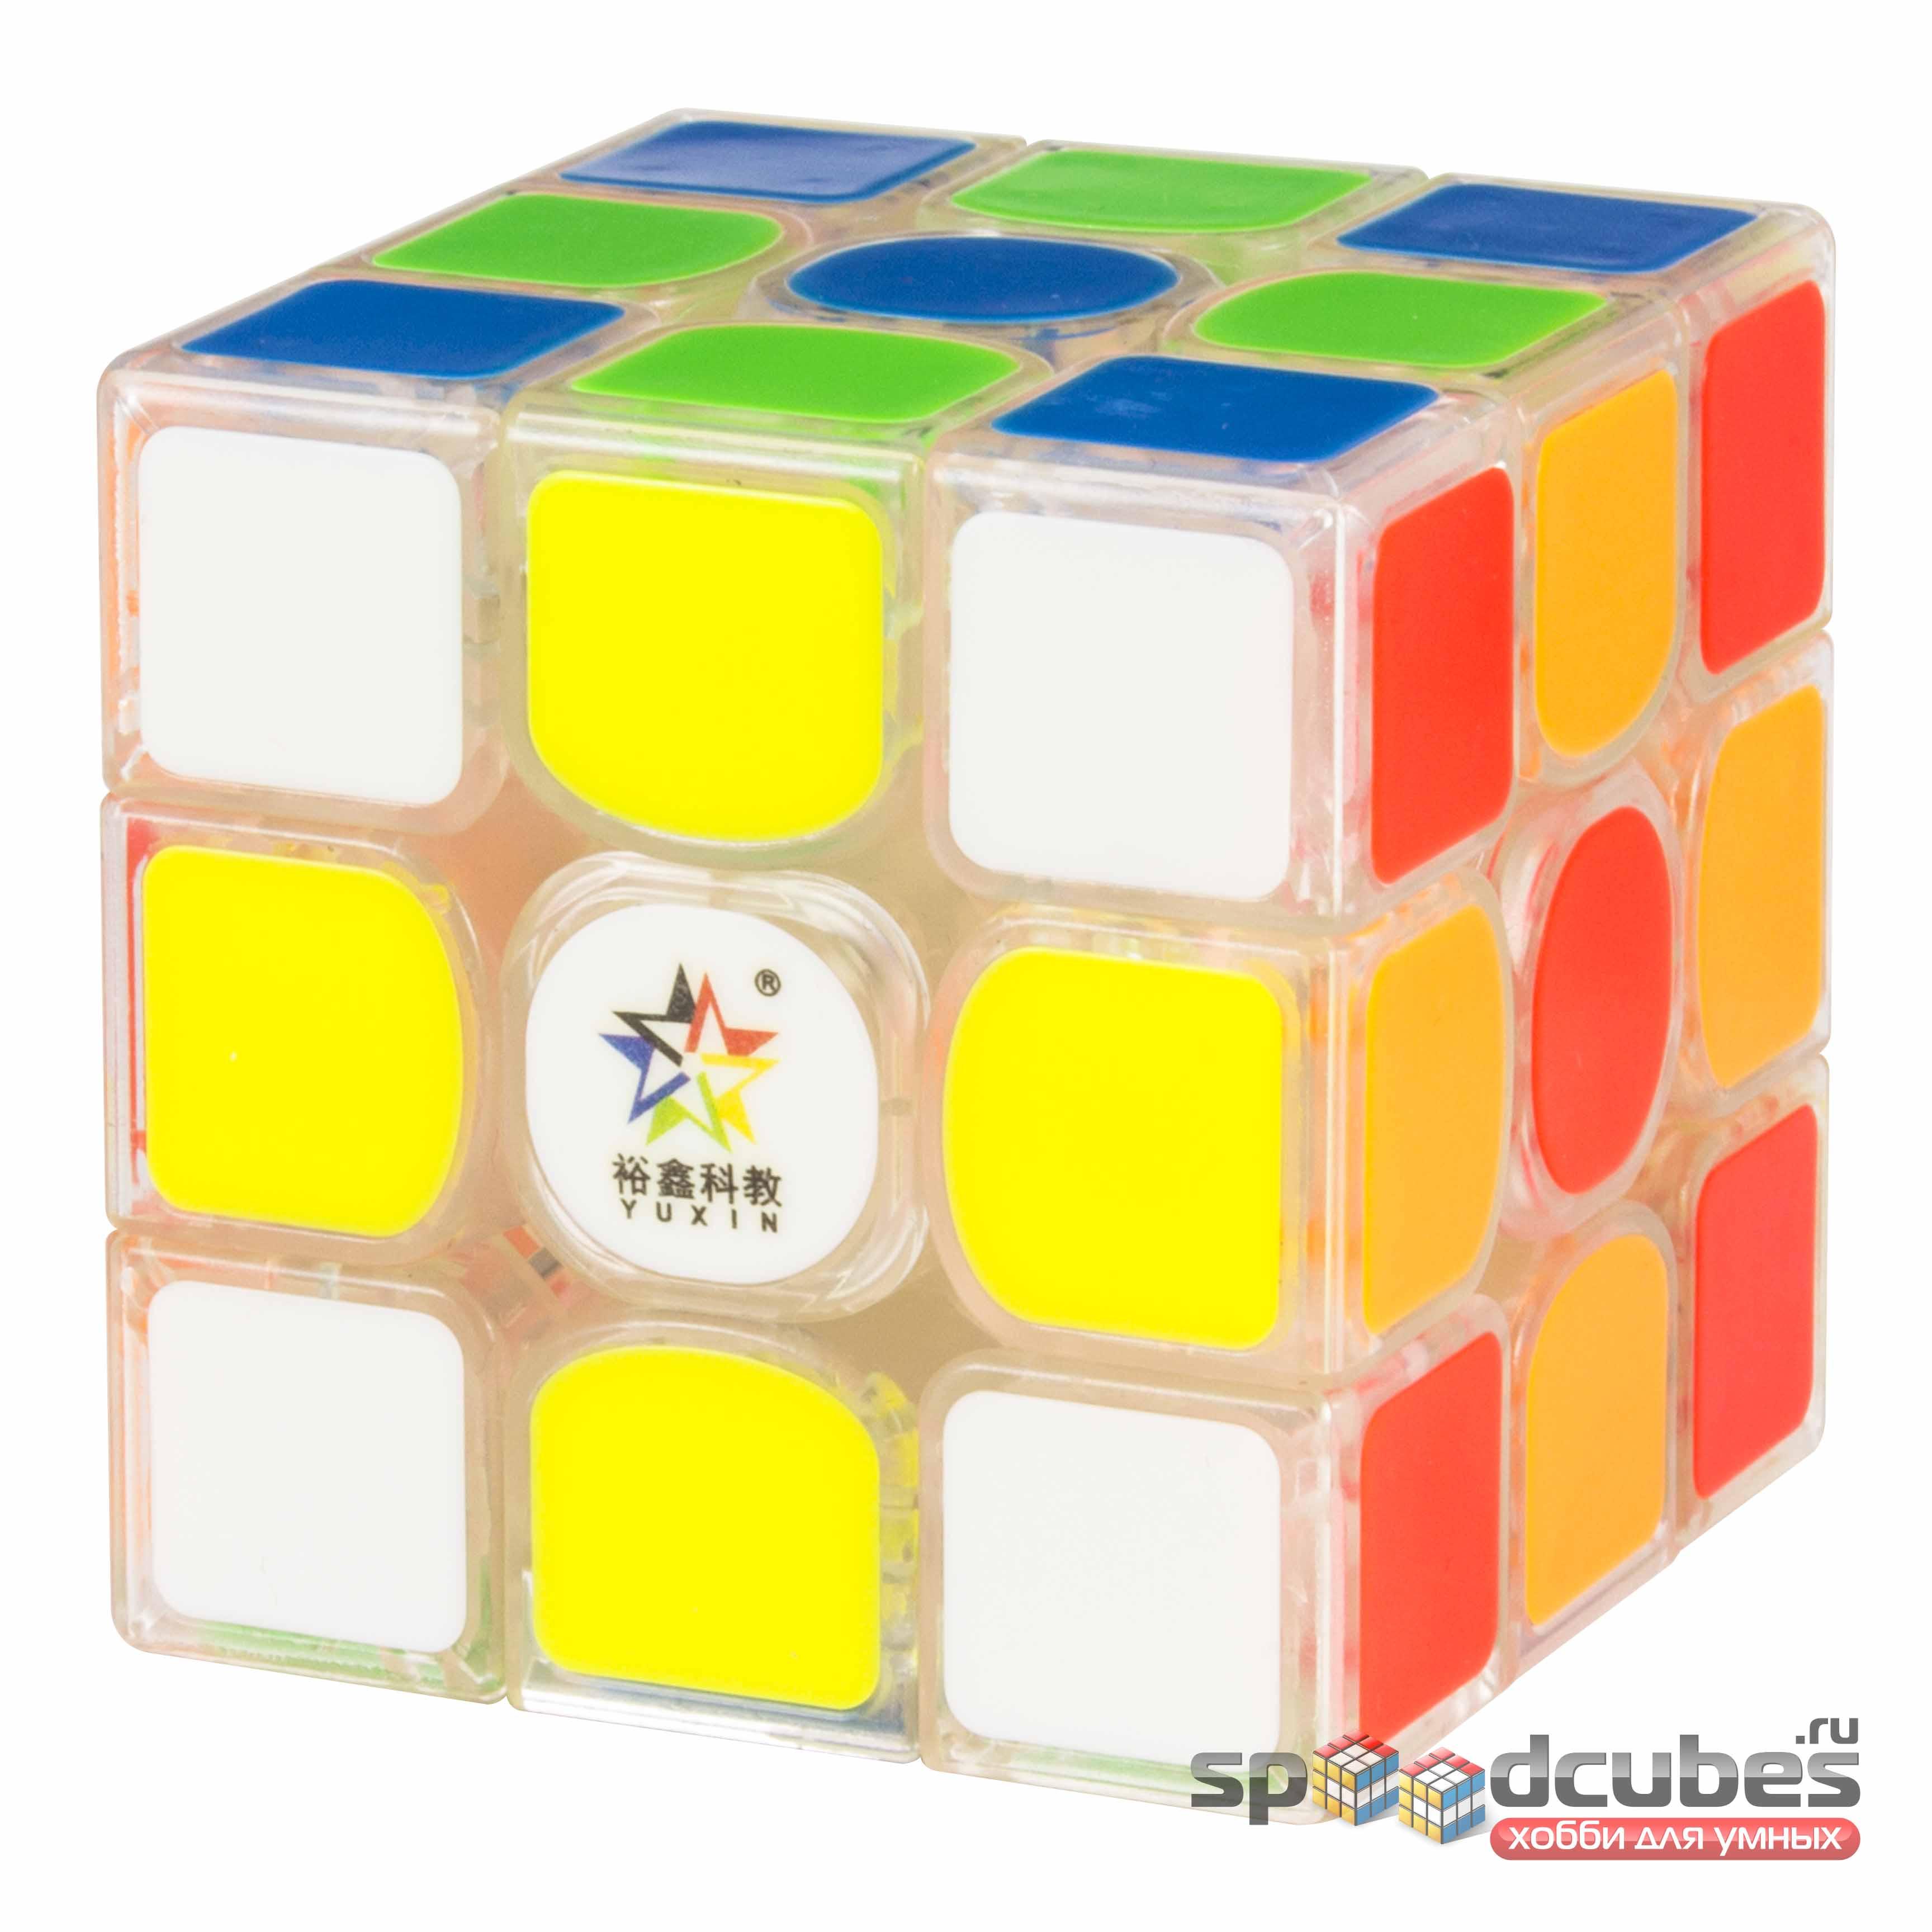 Yuxin 3x3x3 Kylin V2 M Transparent 3